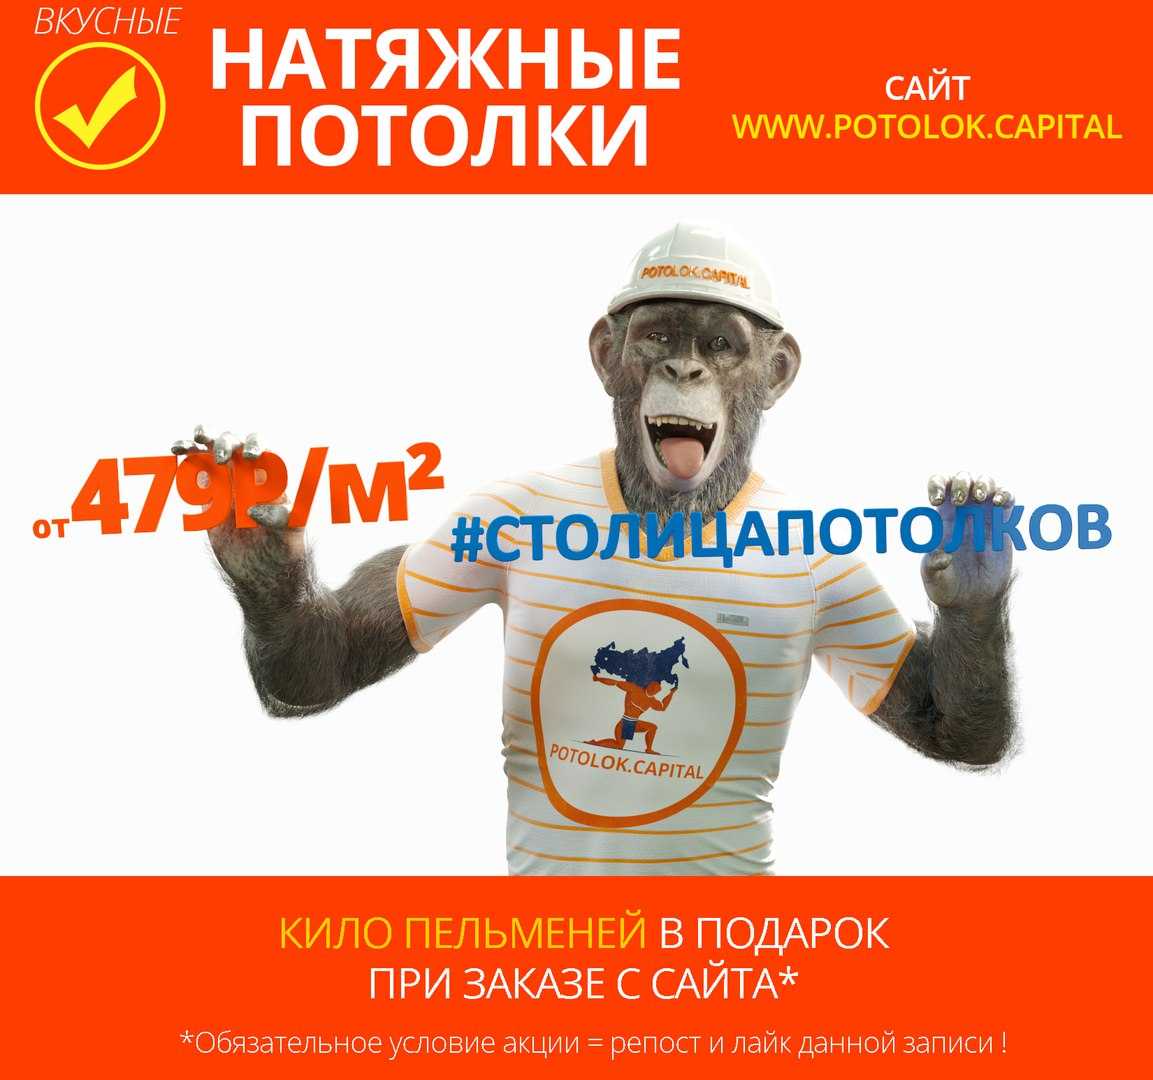 gCZMtyhZM2A.jpg